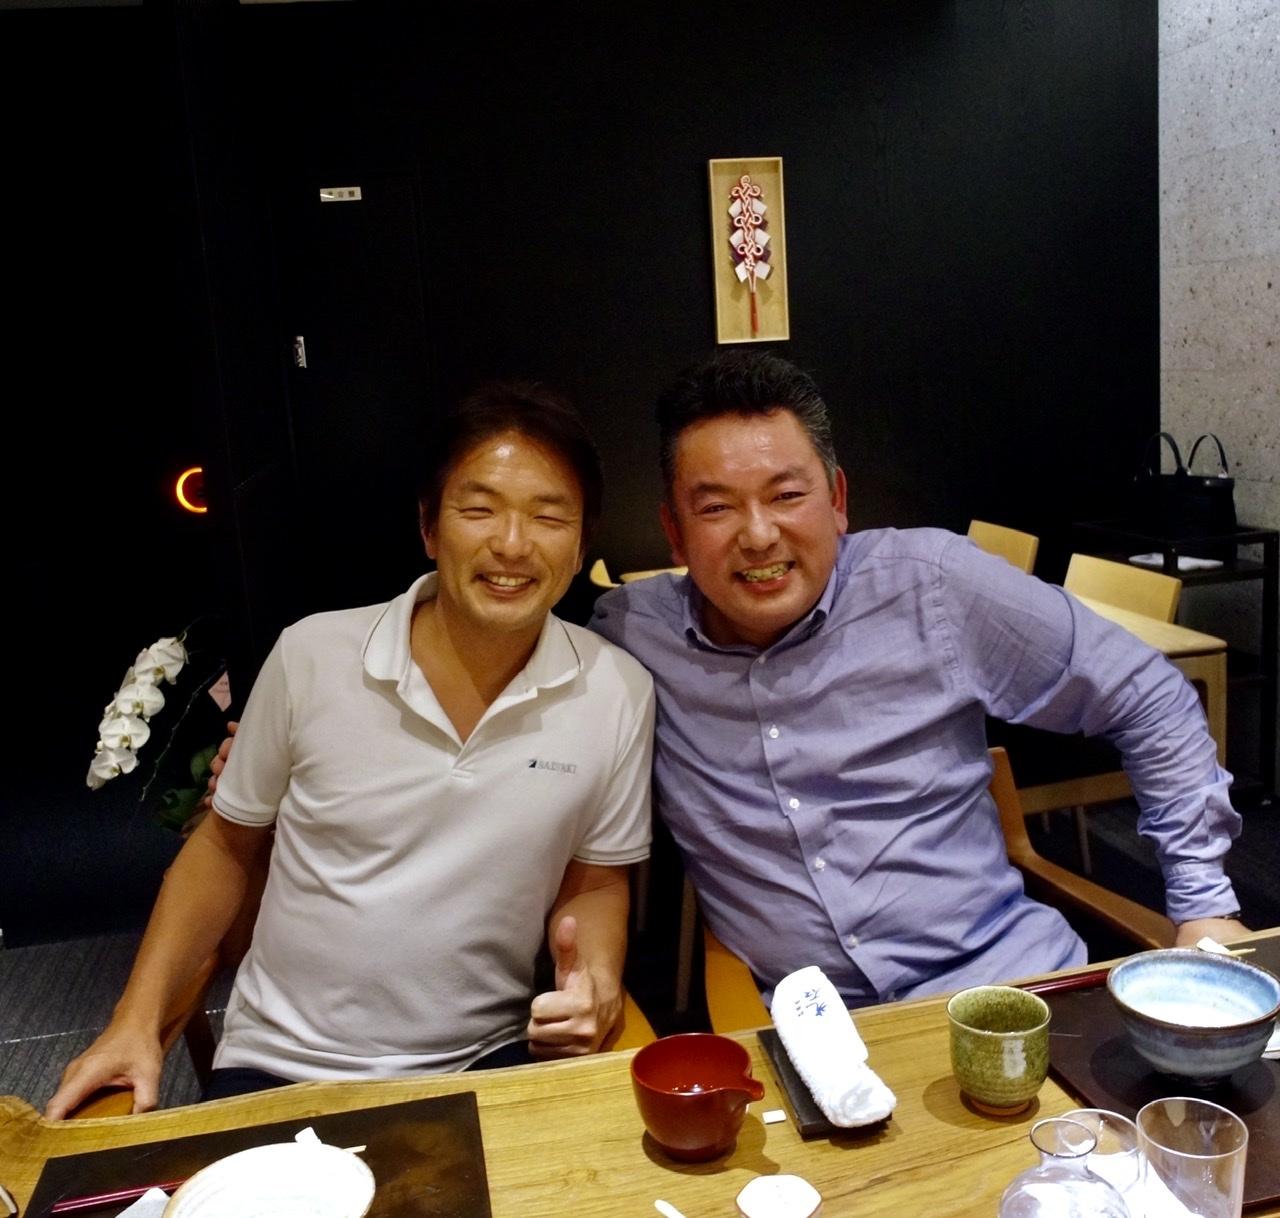 至高の晩餐 神楽坂光石Vol.2_c0180686_15124502.jpeg